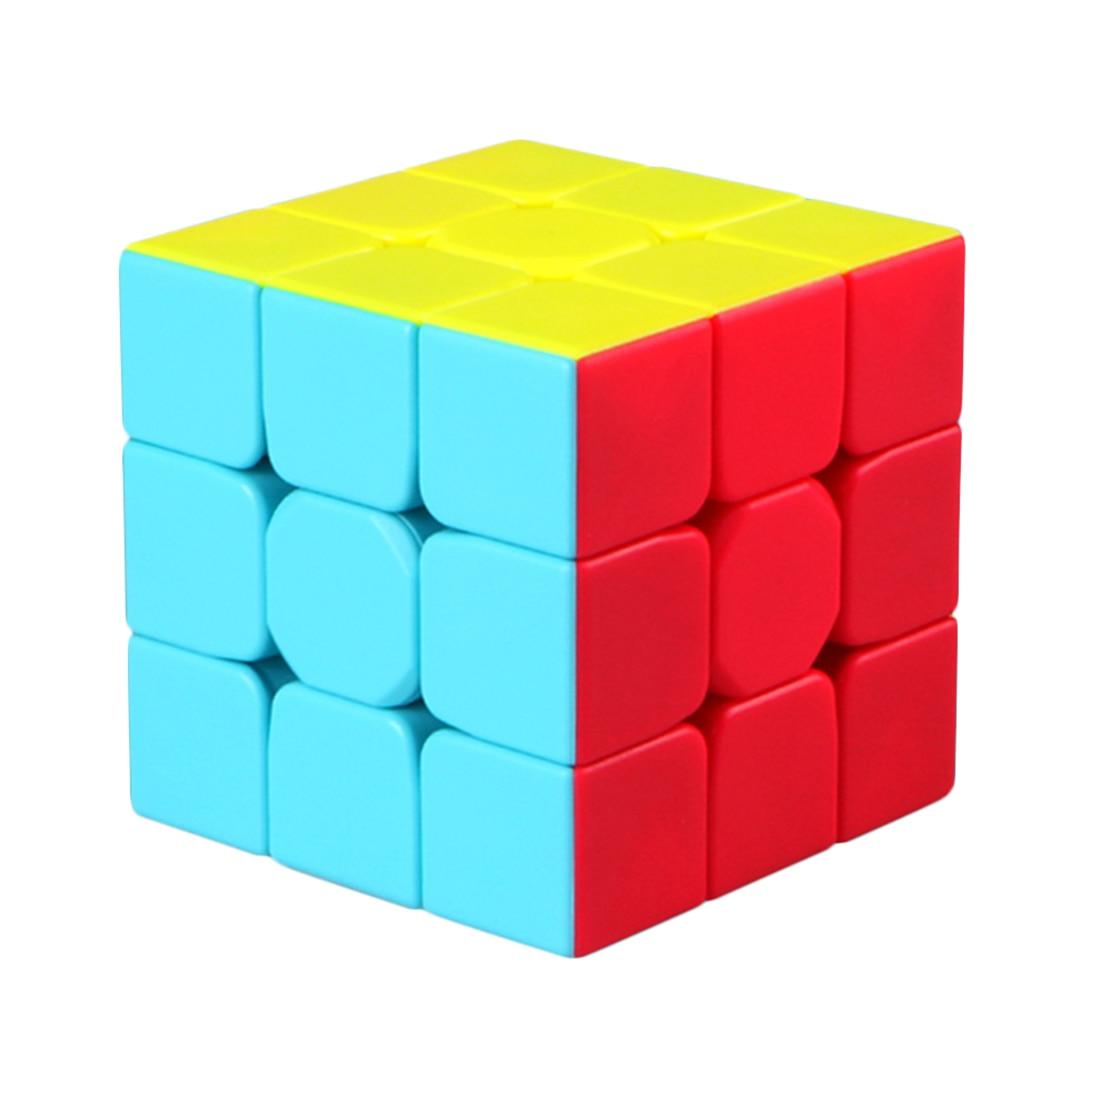 Nuevo Qiyi Mofangge Warrior W 5,7 cm 3*3*3 Speedcube Color vivo esquema 2019 niños pequeño regalo